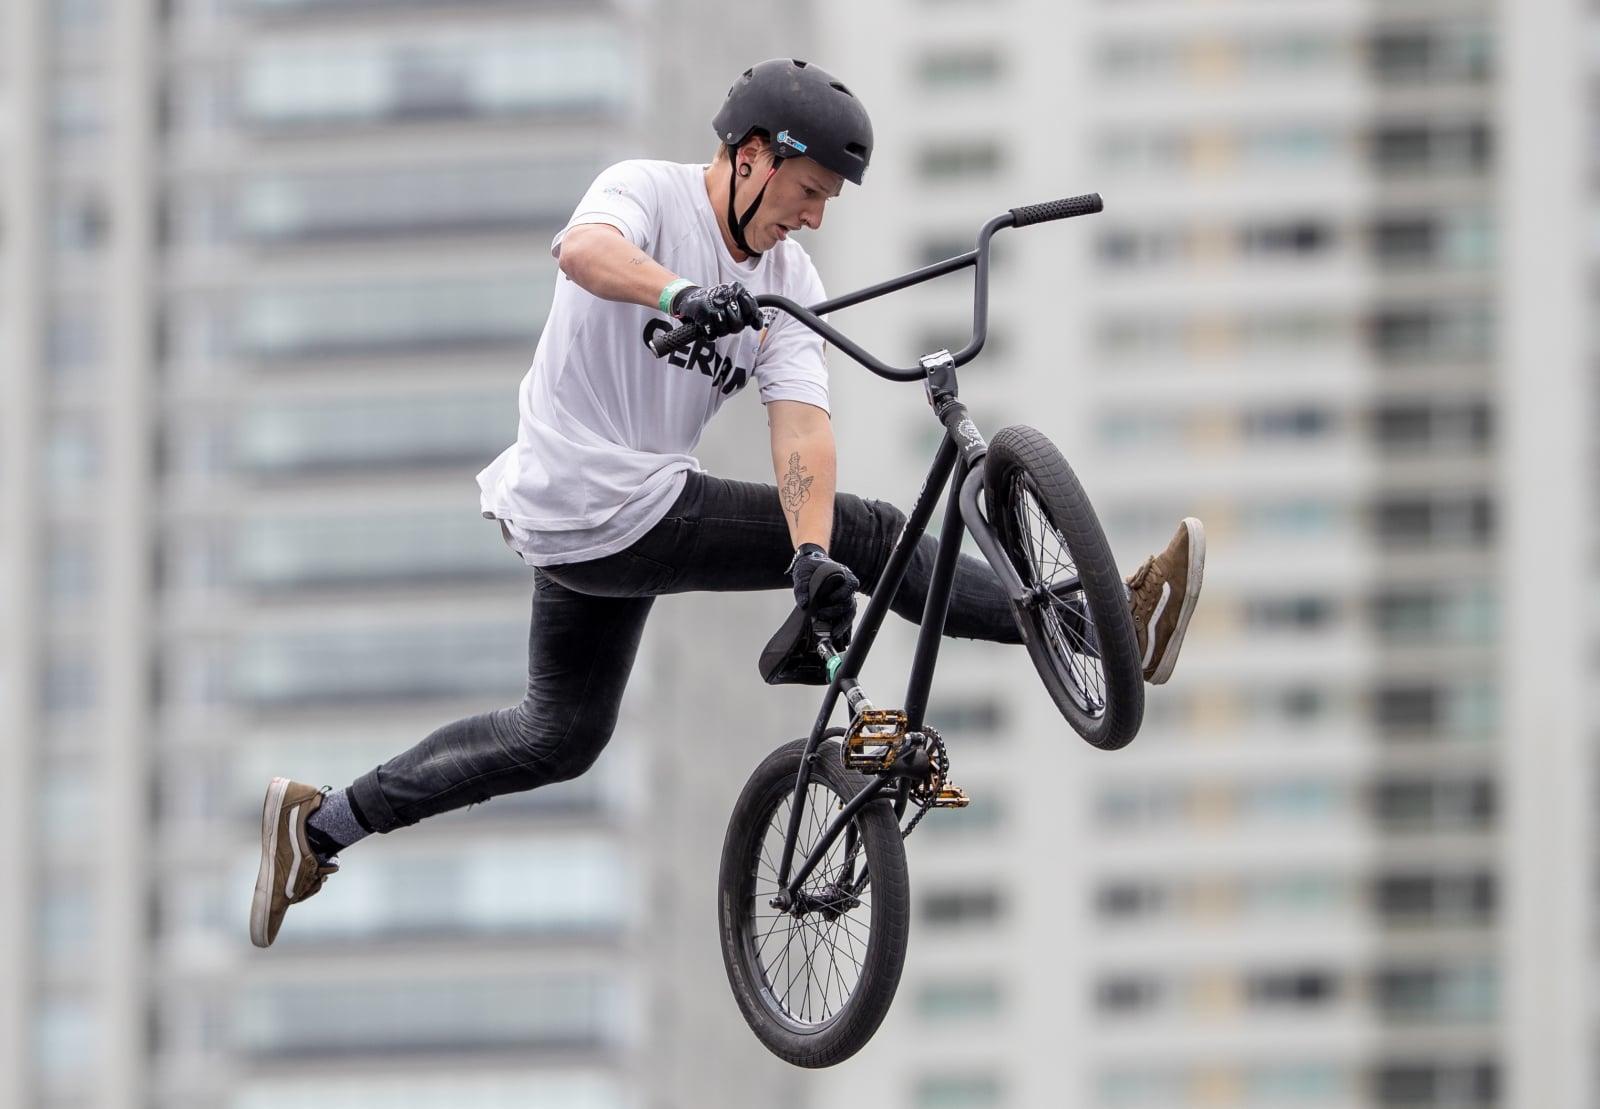 Igrzyska Olimpijskie Młodych w Buenos Aires fot. EPA/Ian